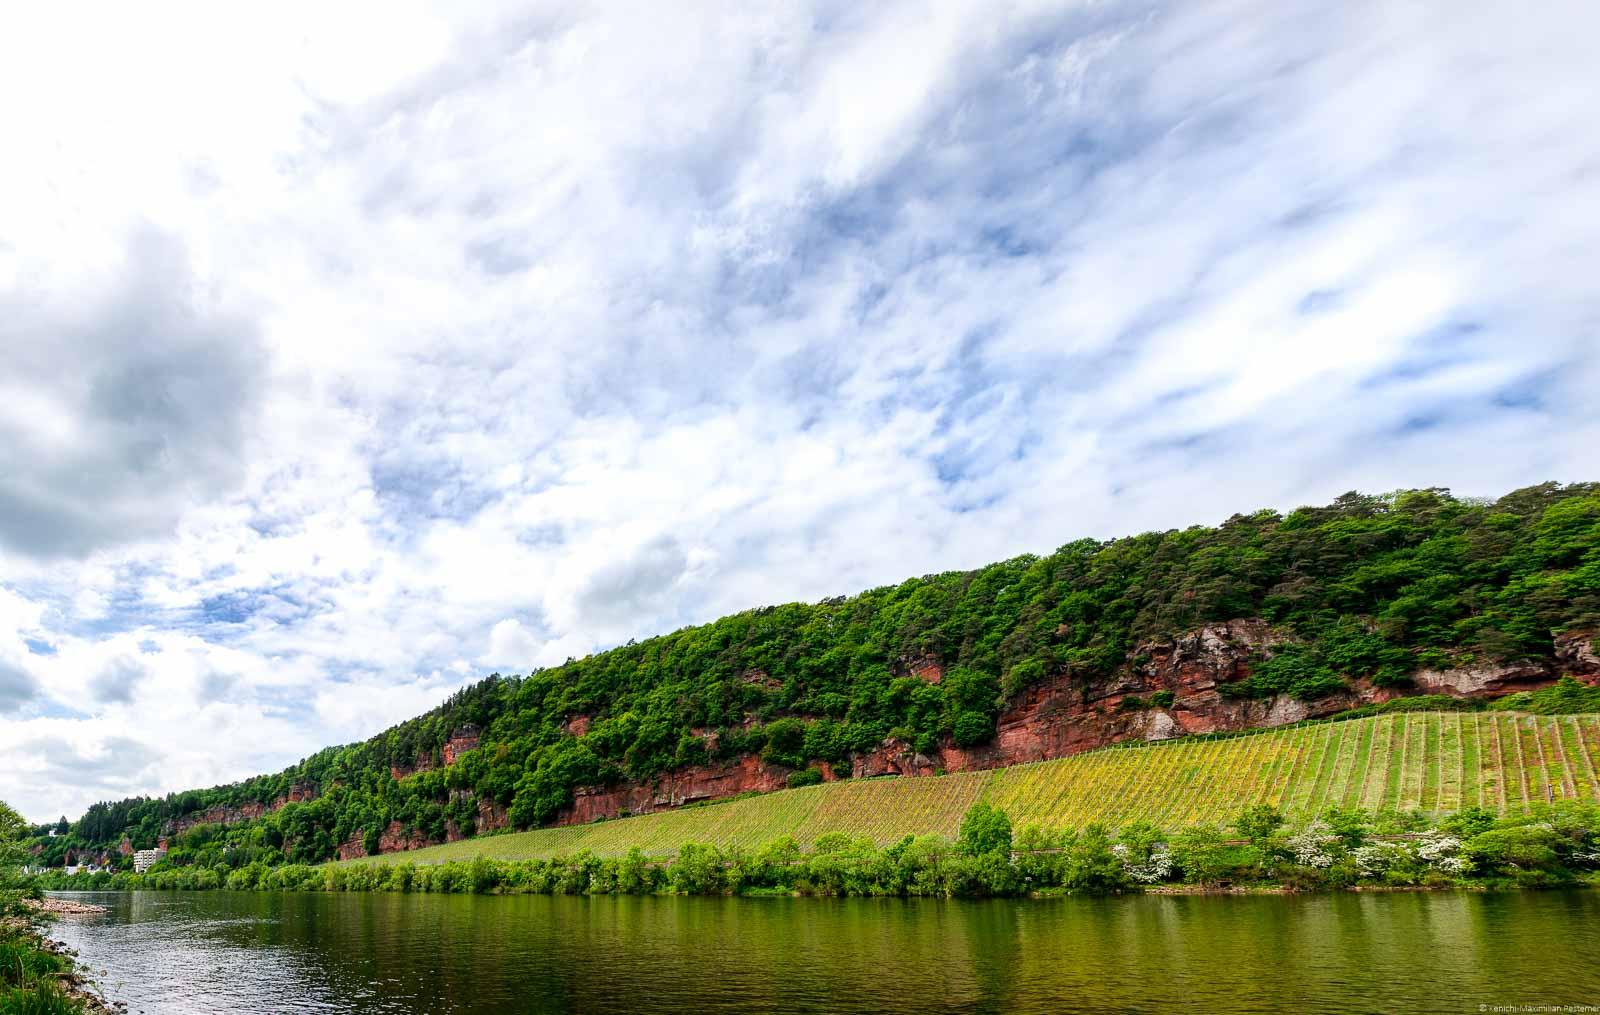 Vorne fließt die Mosel. Am gegenüberliegenden Ufer erkennt man den Weinberg Trierer Augenscheiner. Oberhalb des Weinbergs sind rote Felsen mit Wald. Links hinten sind einige Häuser. Der Himmel ist bewölkt.